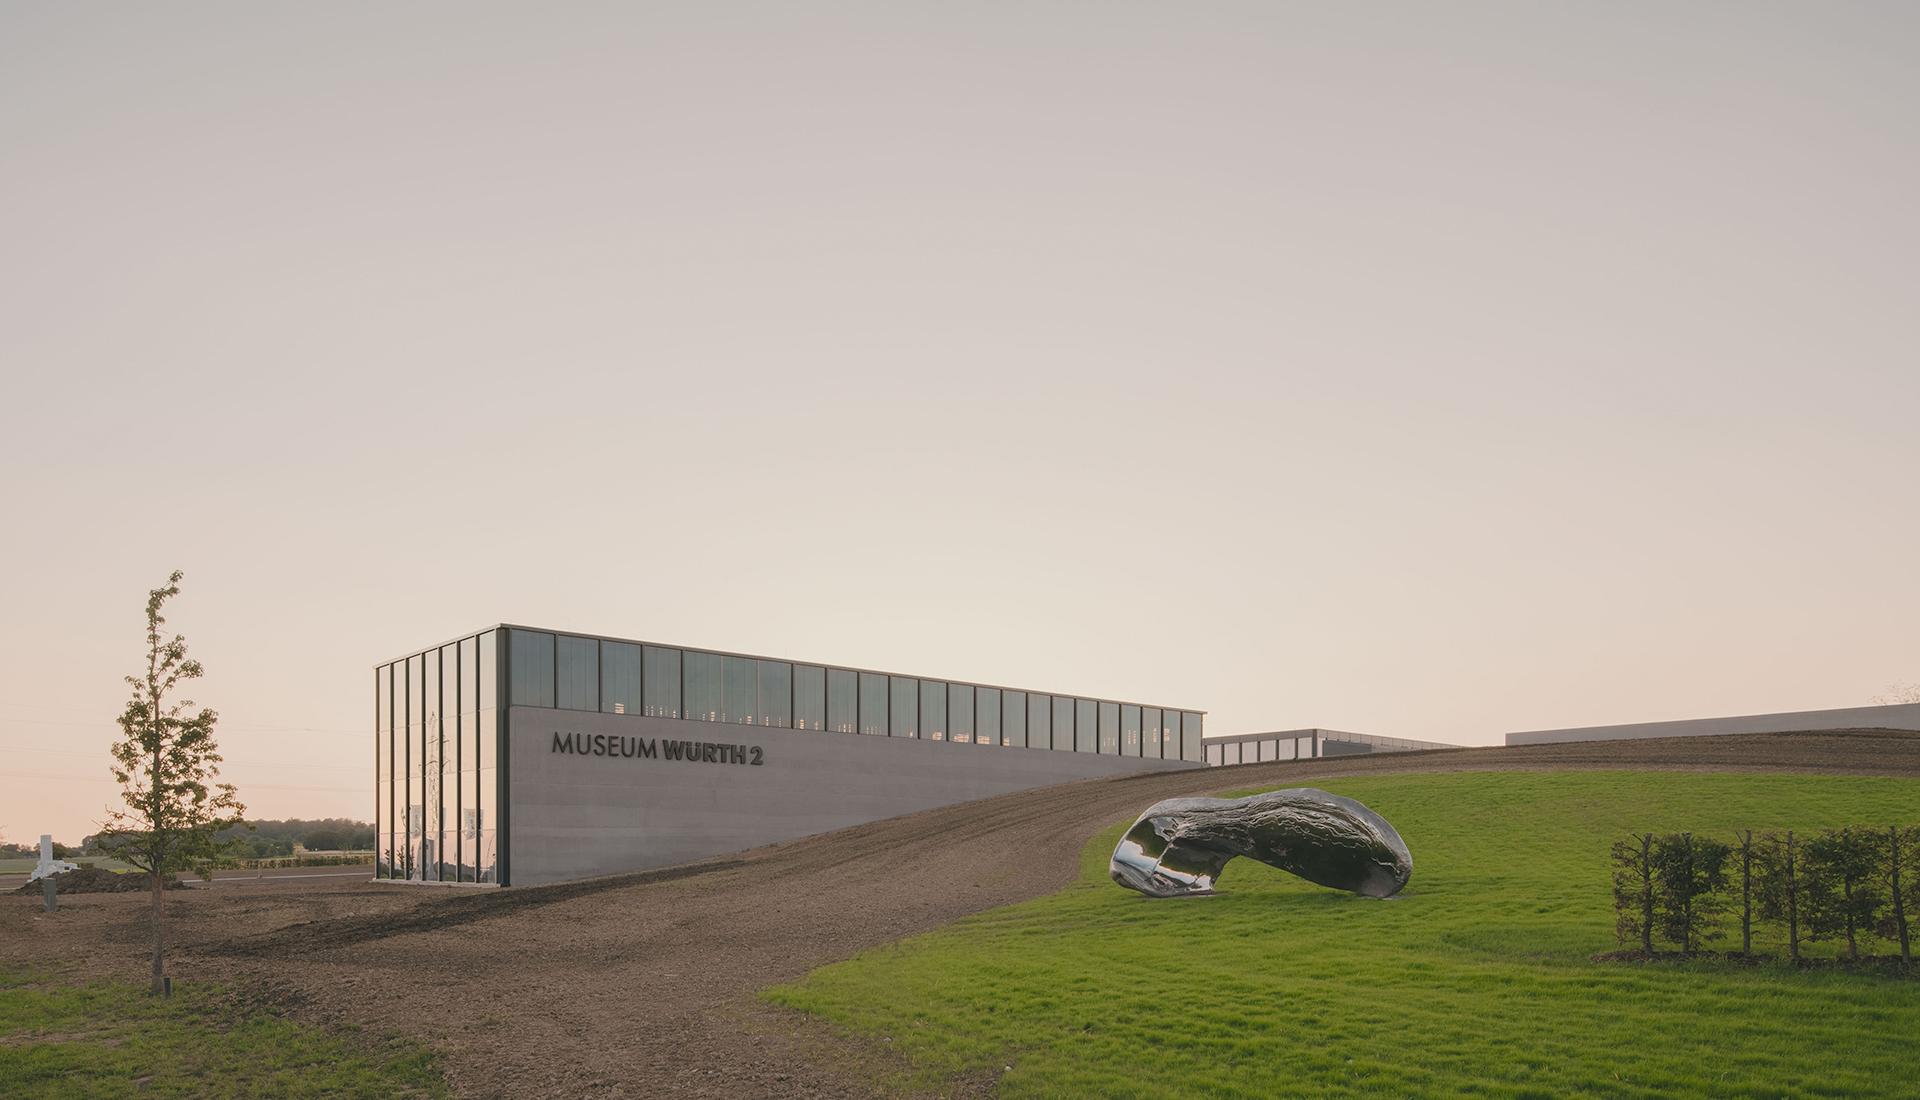 Музей для коллекции семьи Вюрт по проекту Дэвида Чипперфильда